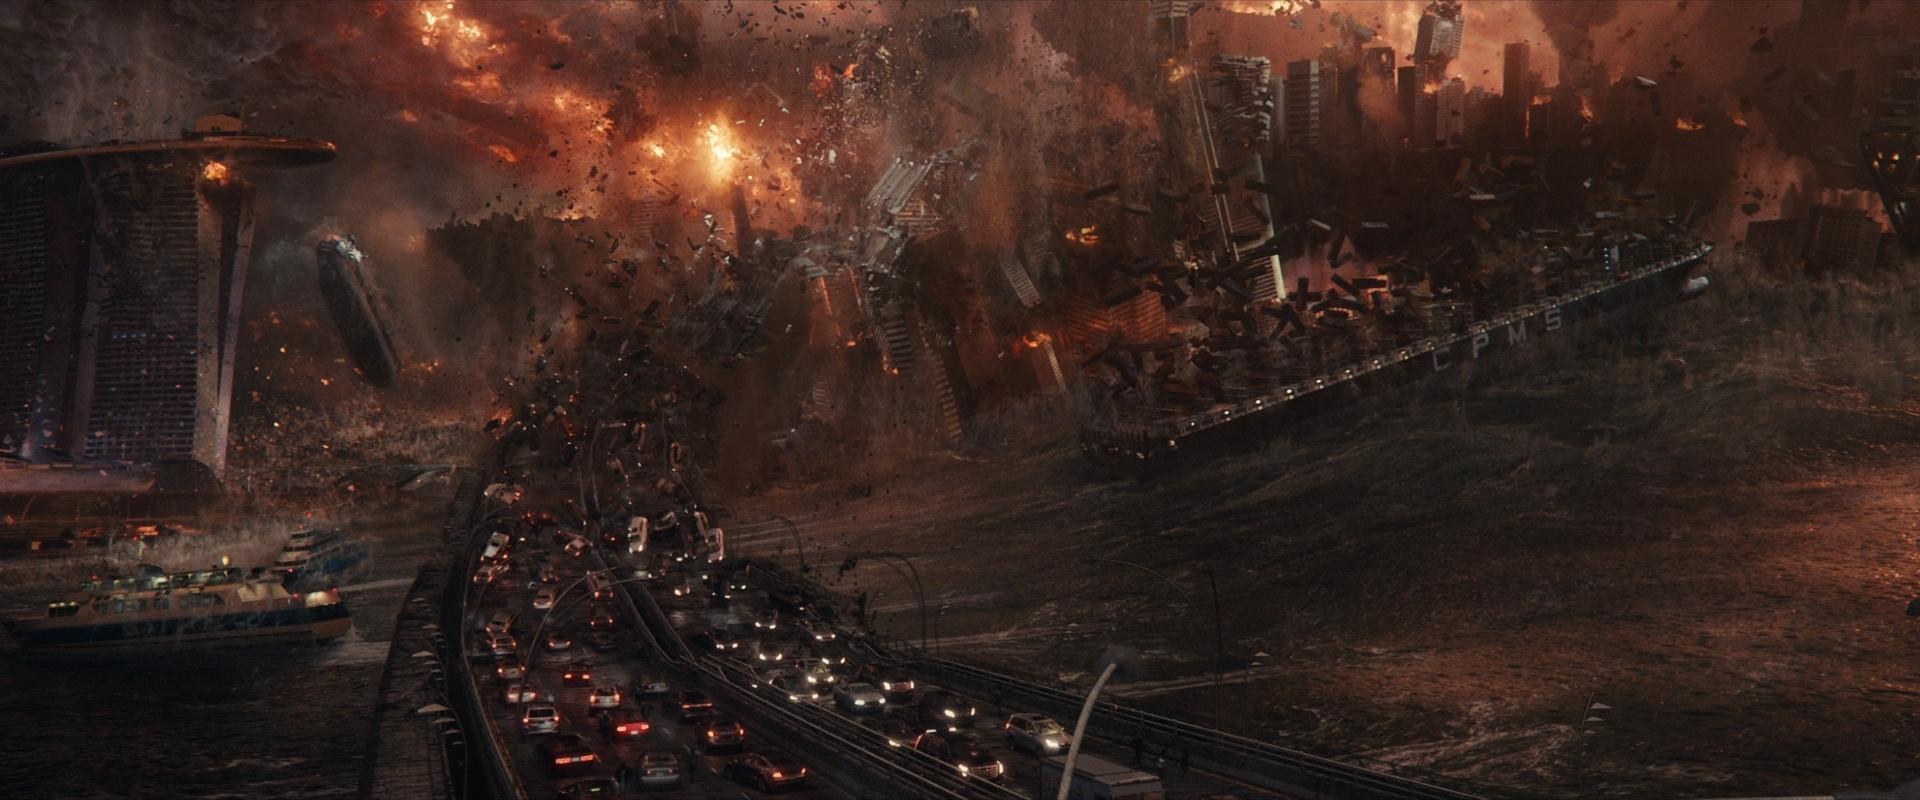 Destruction of Singapore